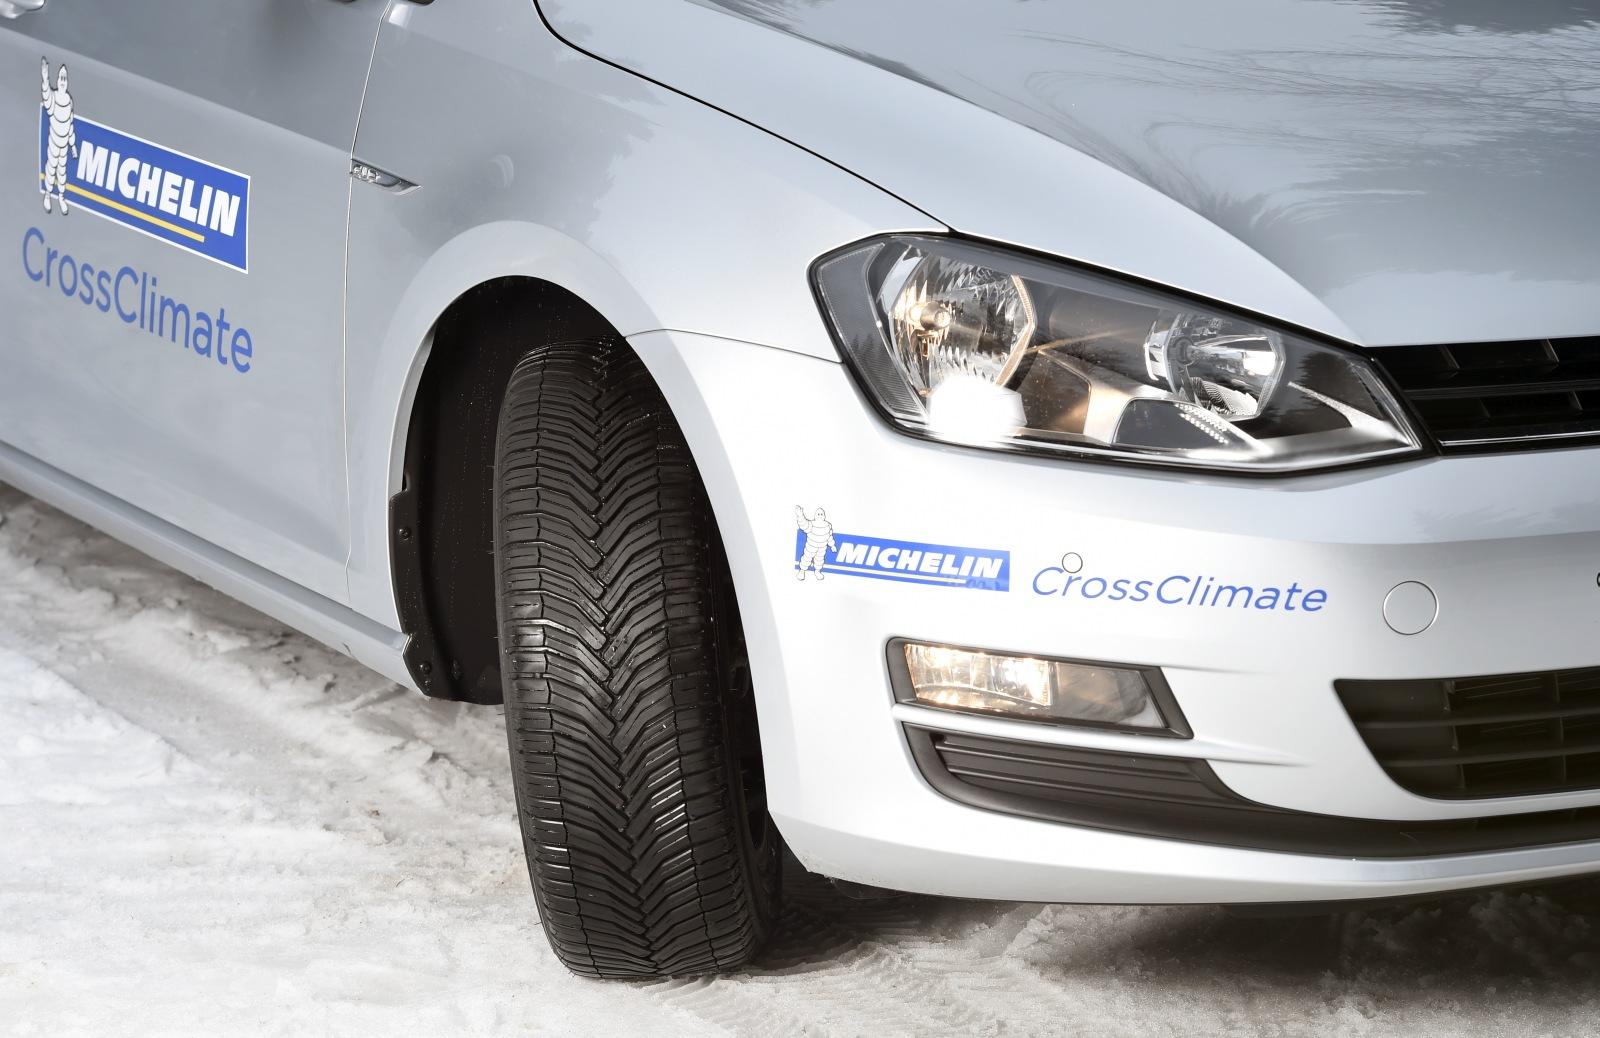 REVOLÚCIA! Michelin vyvinul letnú pneumatiku pre zimu